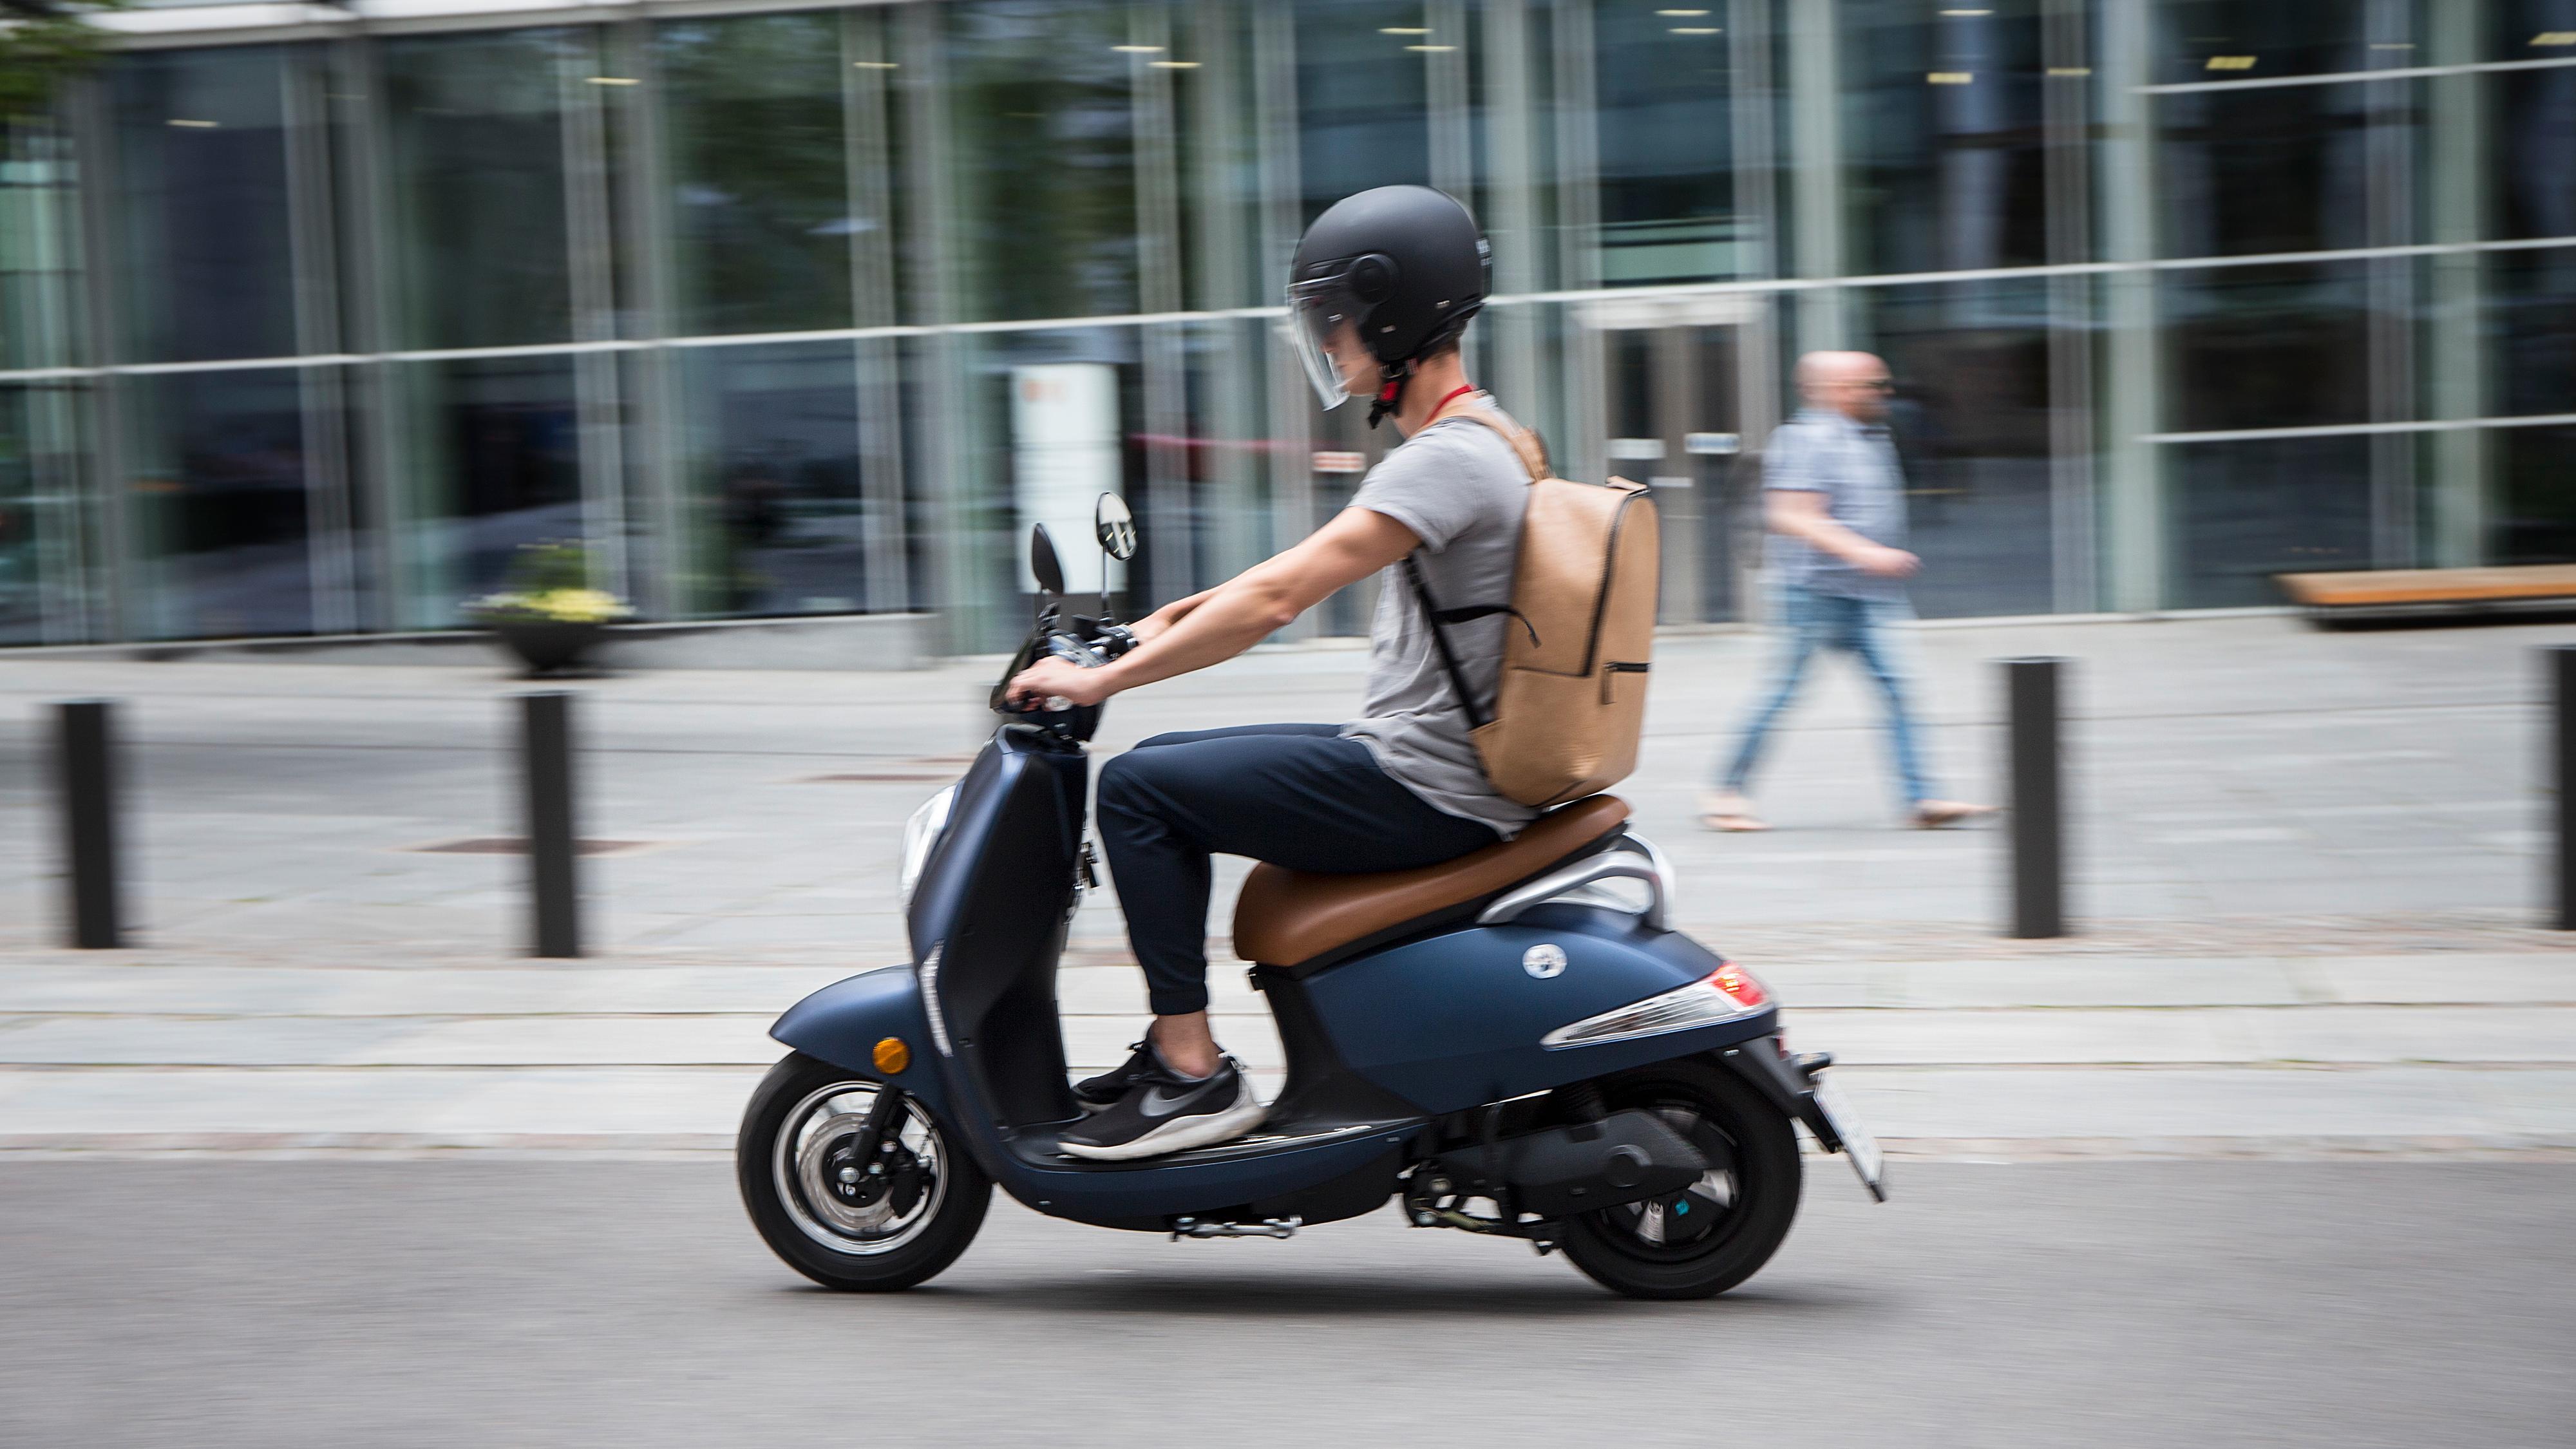 Vässla er en smart elektrisk scooter som bringer deg frem i inntil 45 km/t. Bildet viser førsteutgaven, mens modellen de nå selger er Vässla 2.